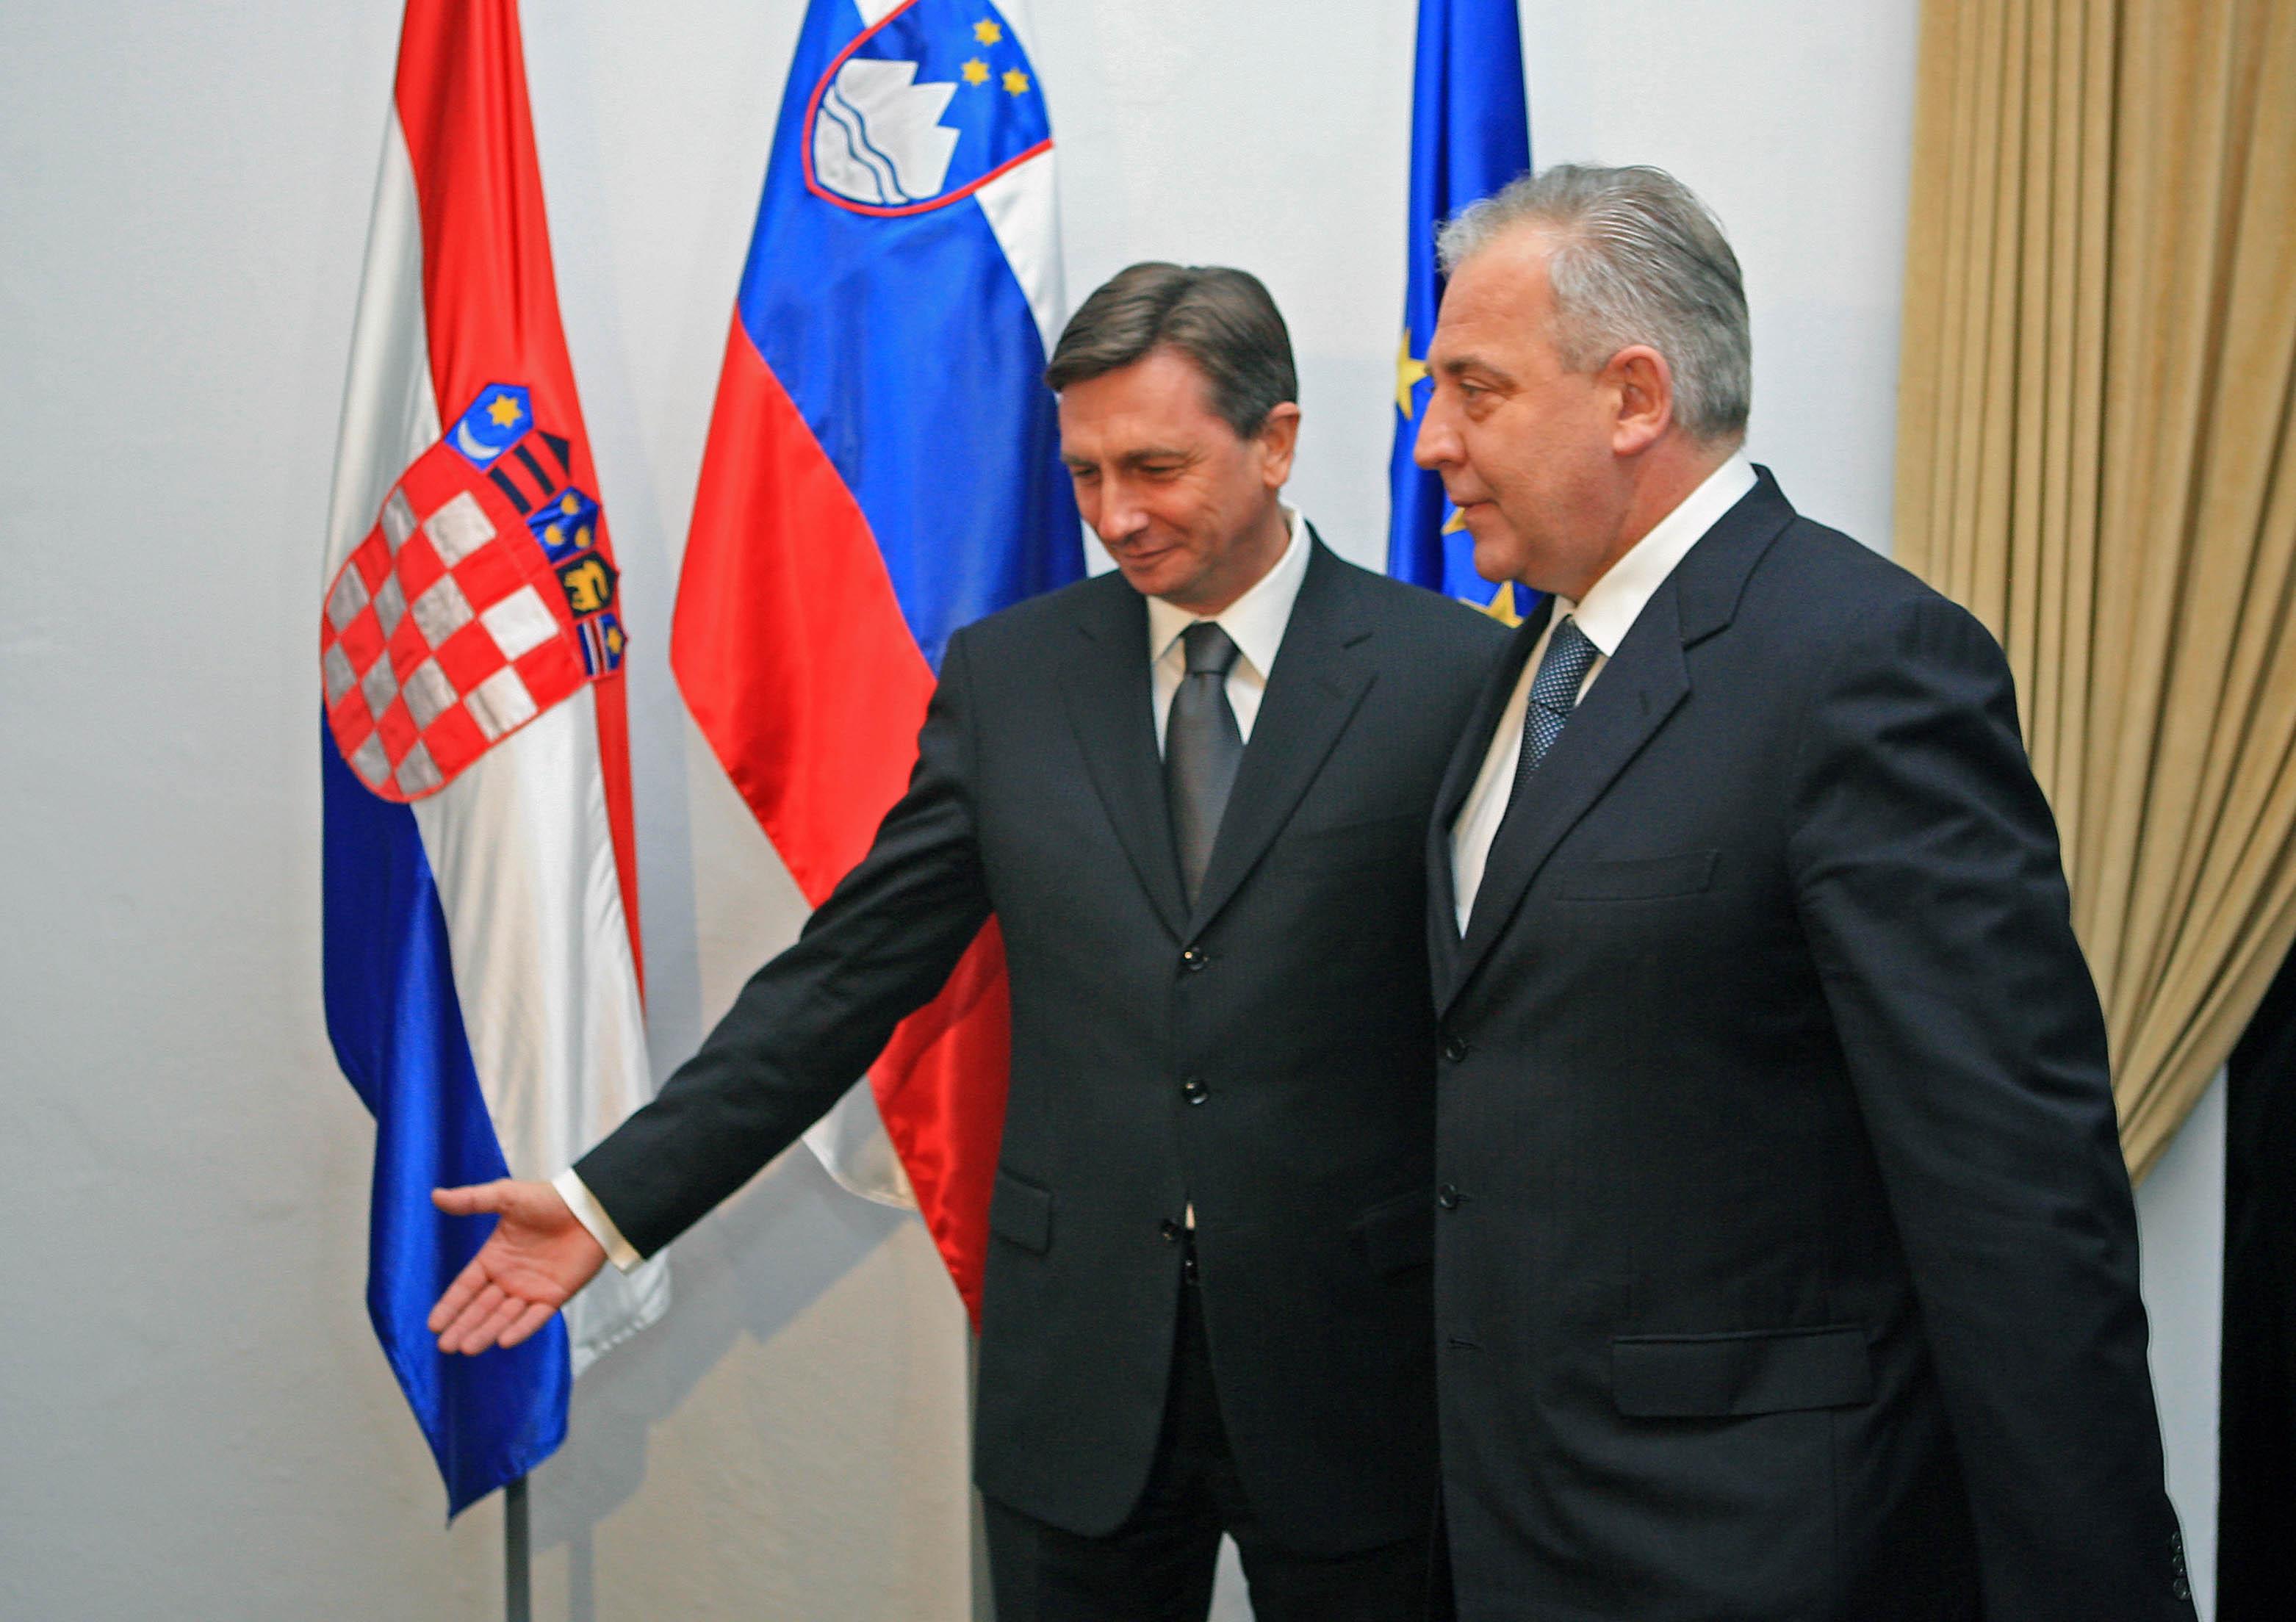 http://www.delo.si/assets/media/picture/20090224/pahor_in_samnader_Druznik.jpg?rev=1